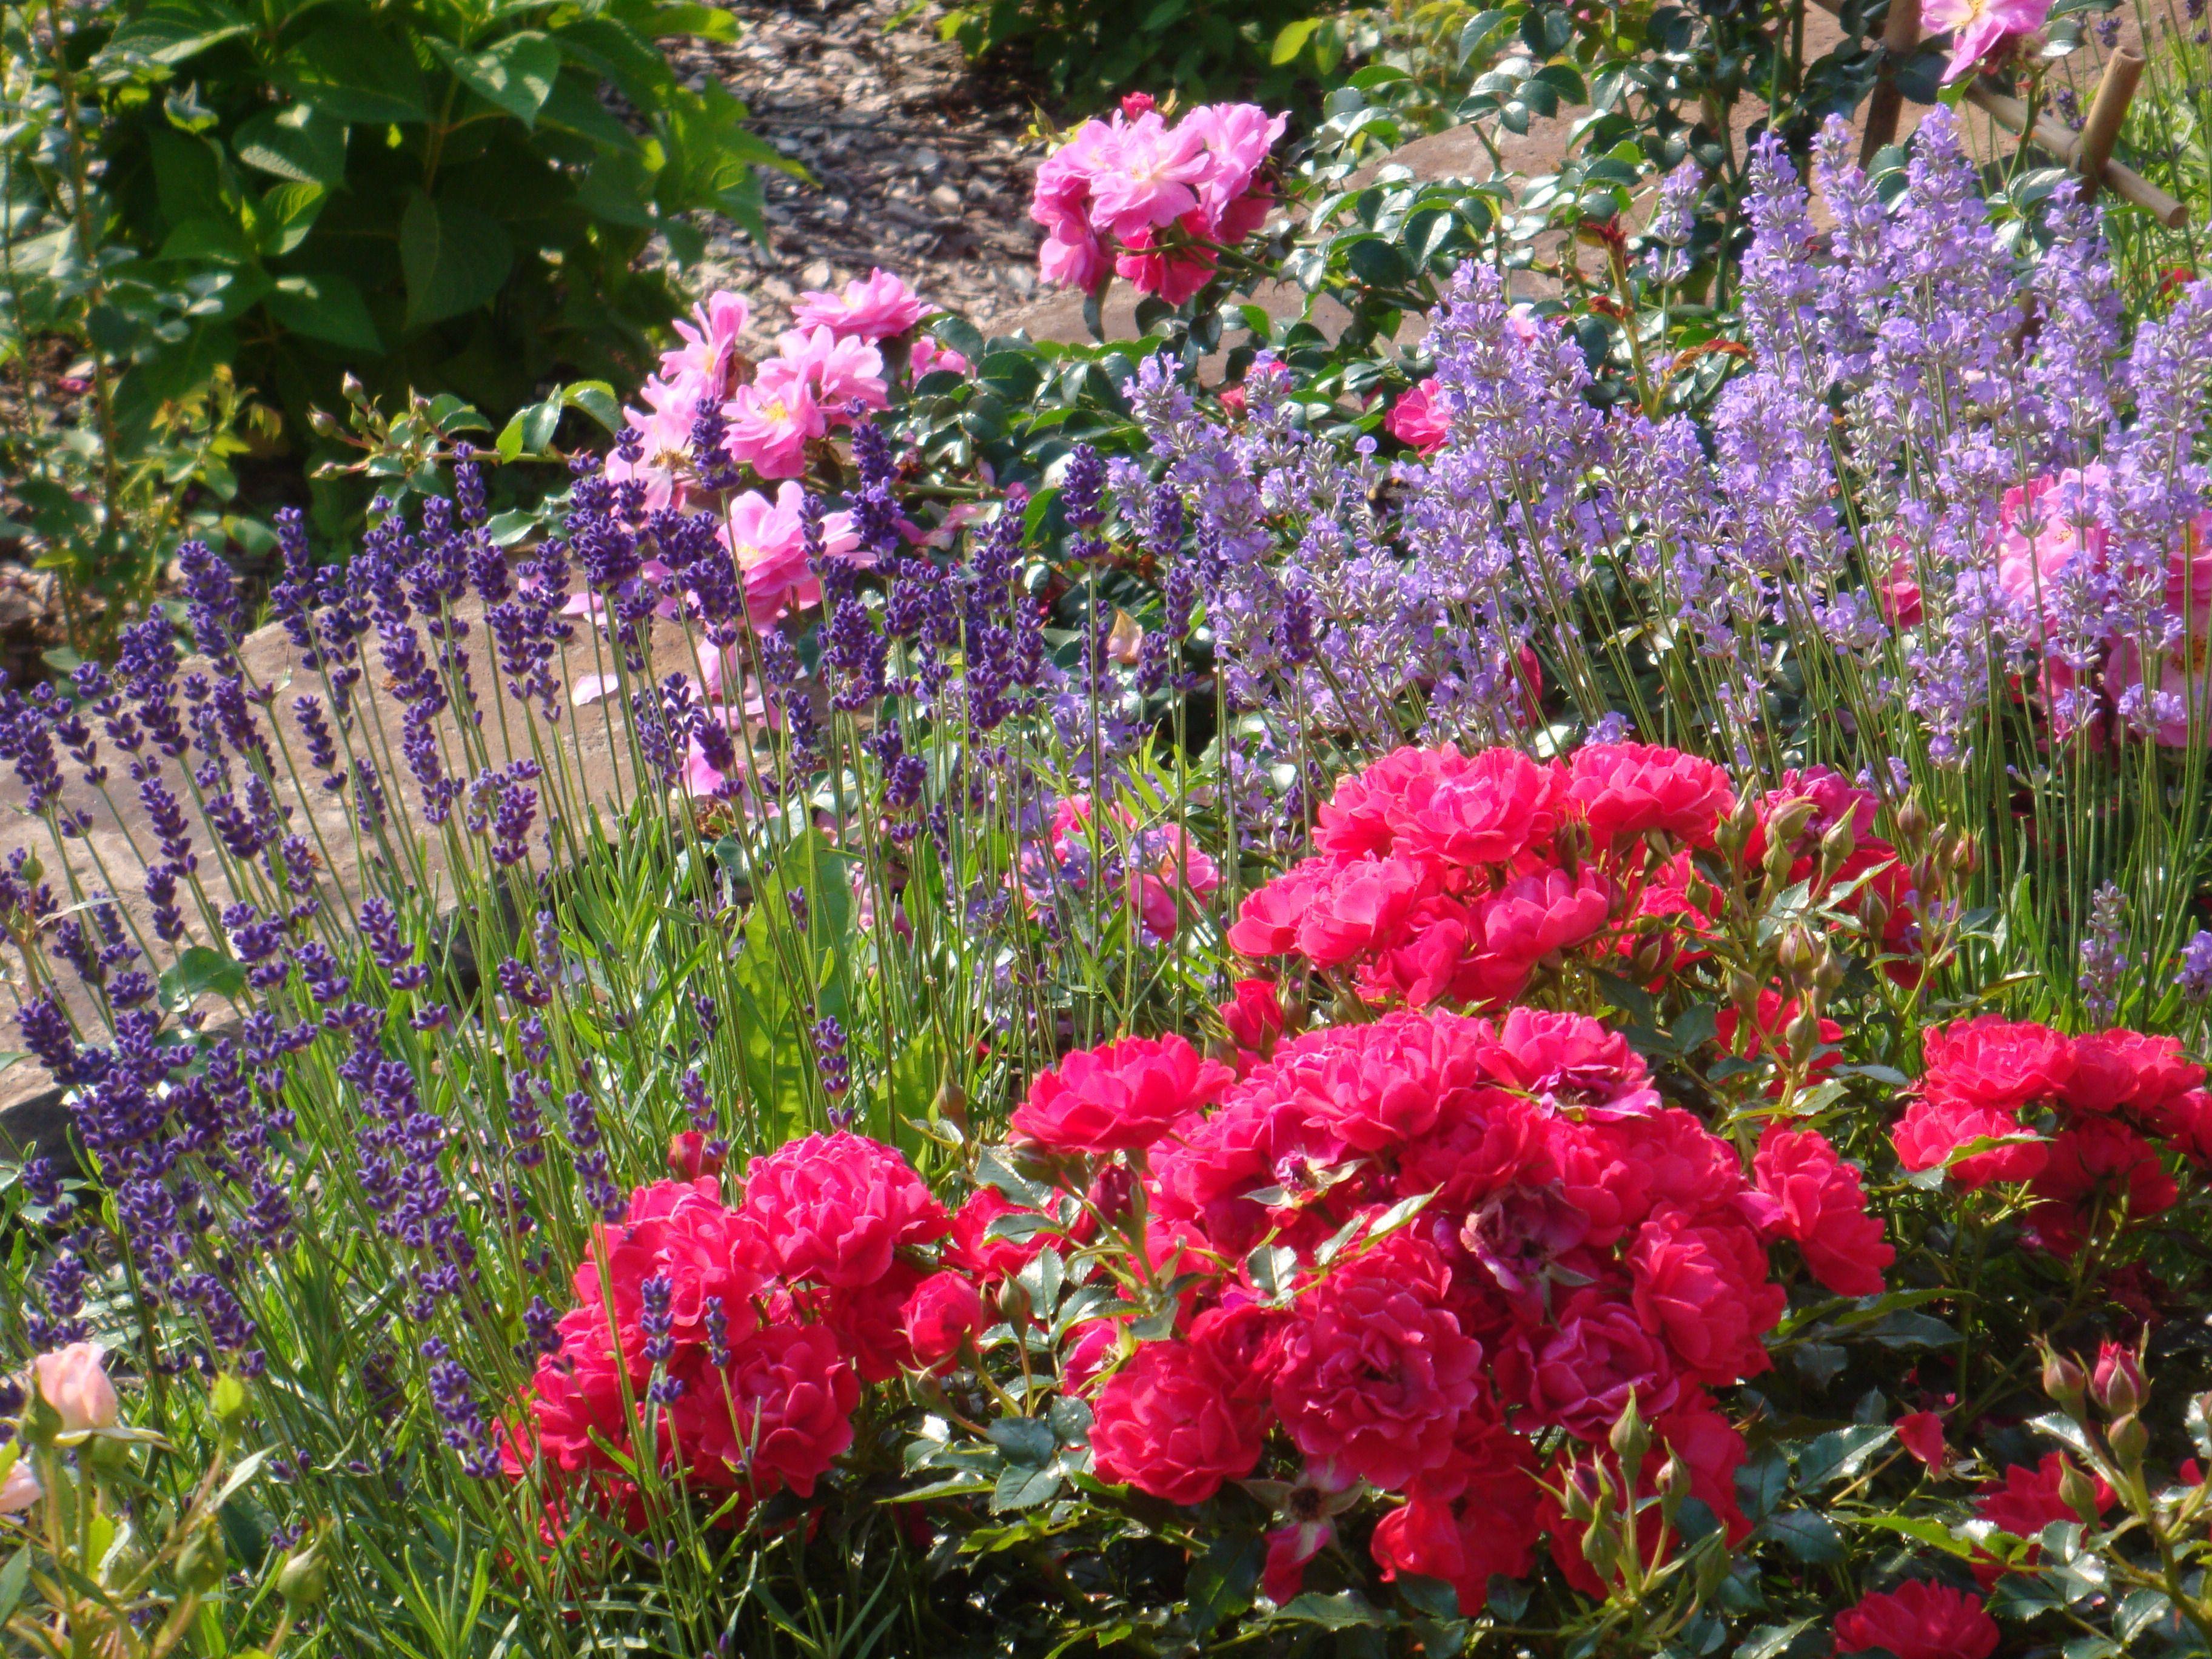 Независимо от расцветки, сорта и вида, розам необходим фон, подчеркивающий их красоту, изящество и благородство.Лаванда-идеальный спутник.